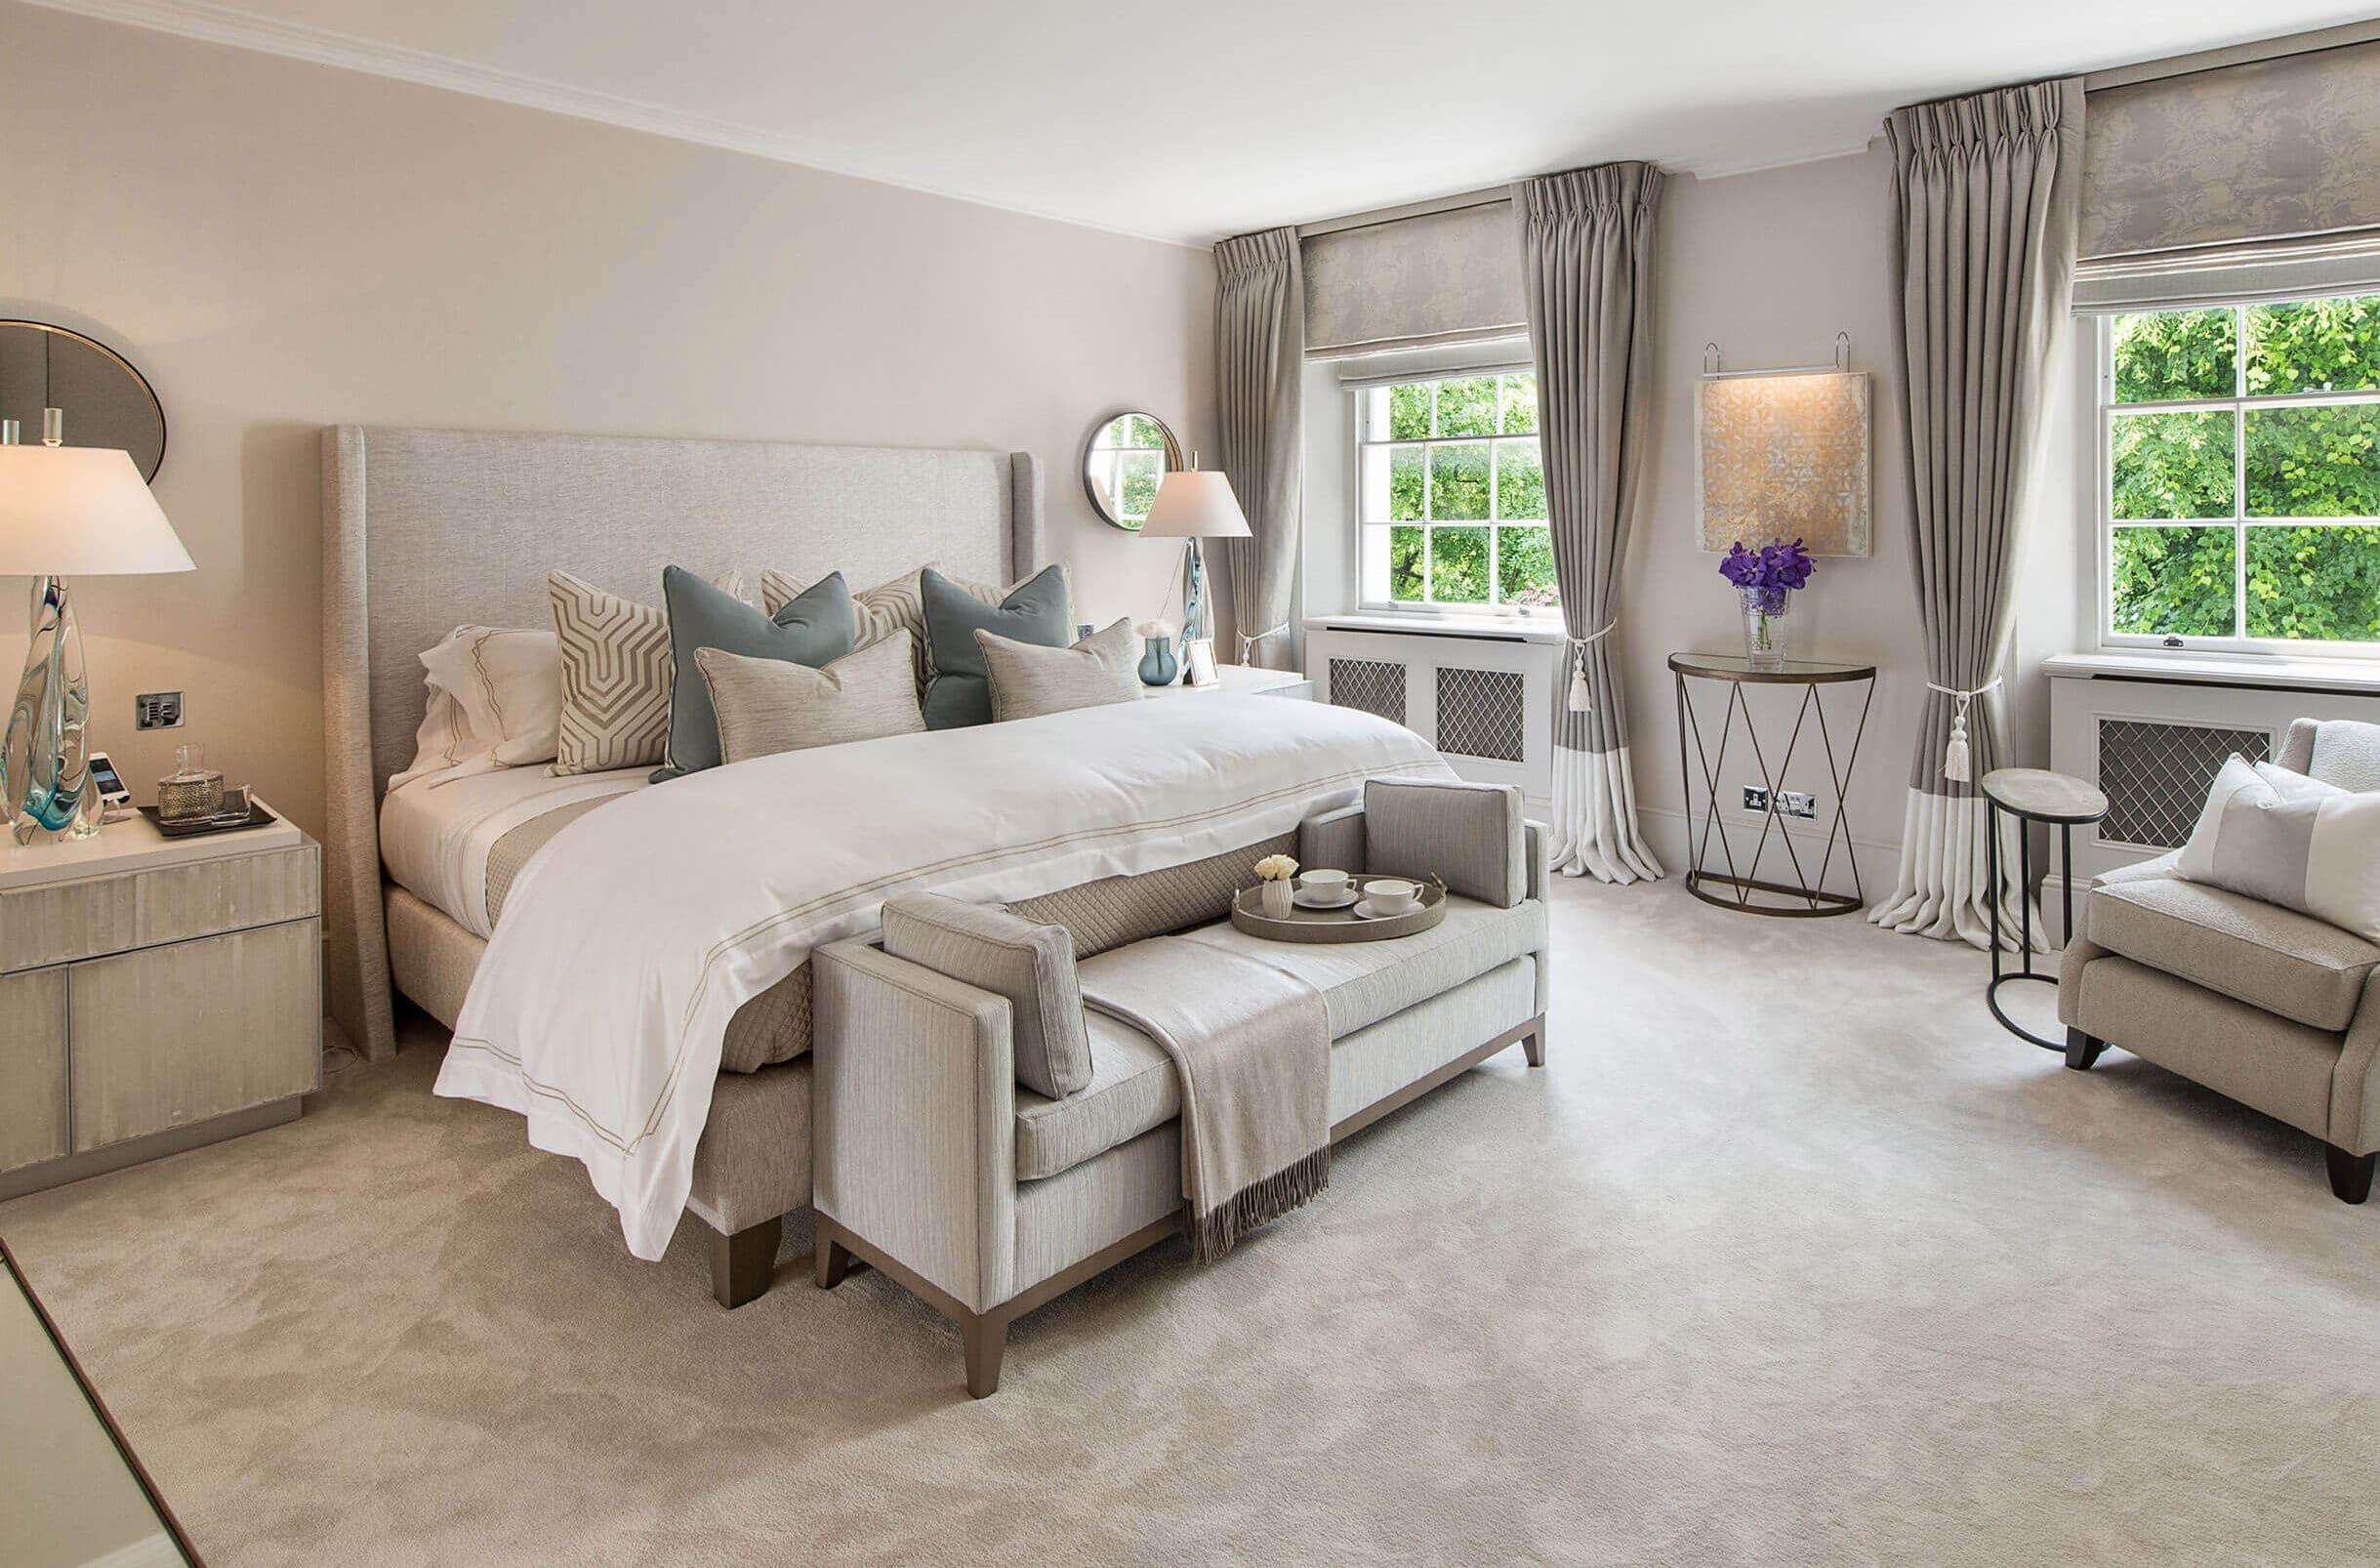 bedroom interior design in townhouse